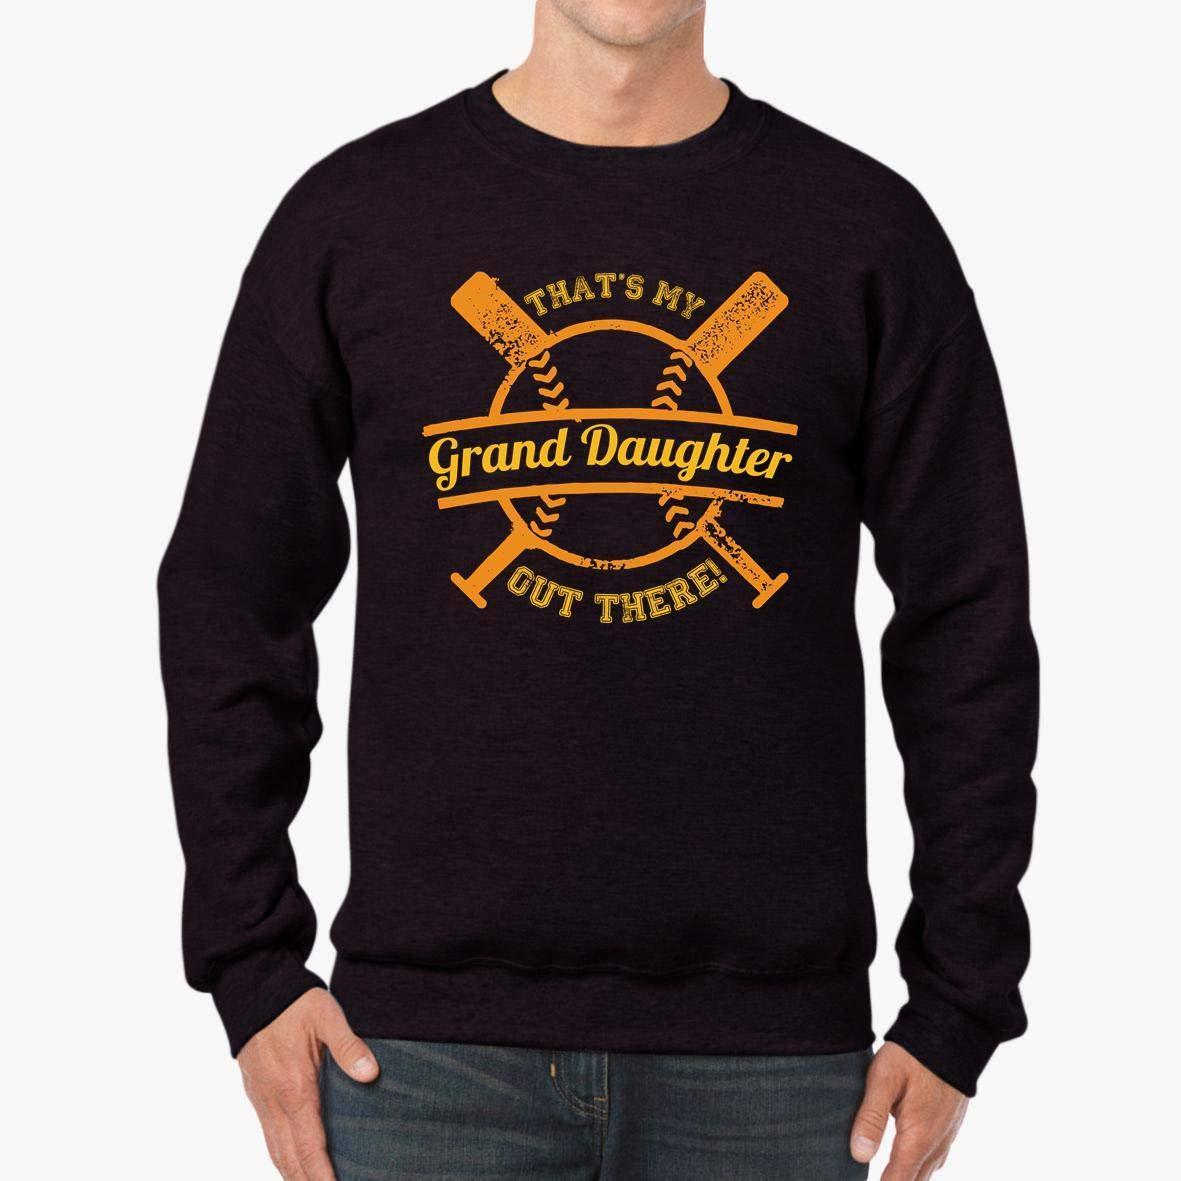 tee Softball Grandparent That/_s My Granddaughter Unisex Sweatshirt